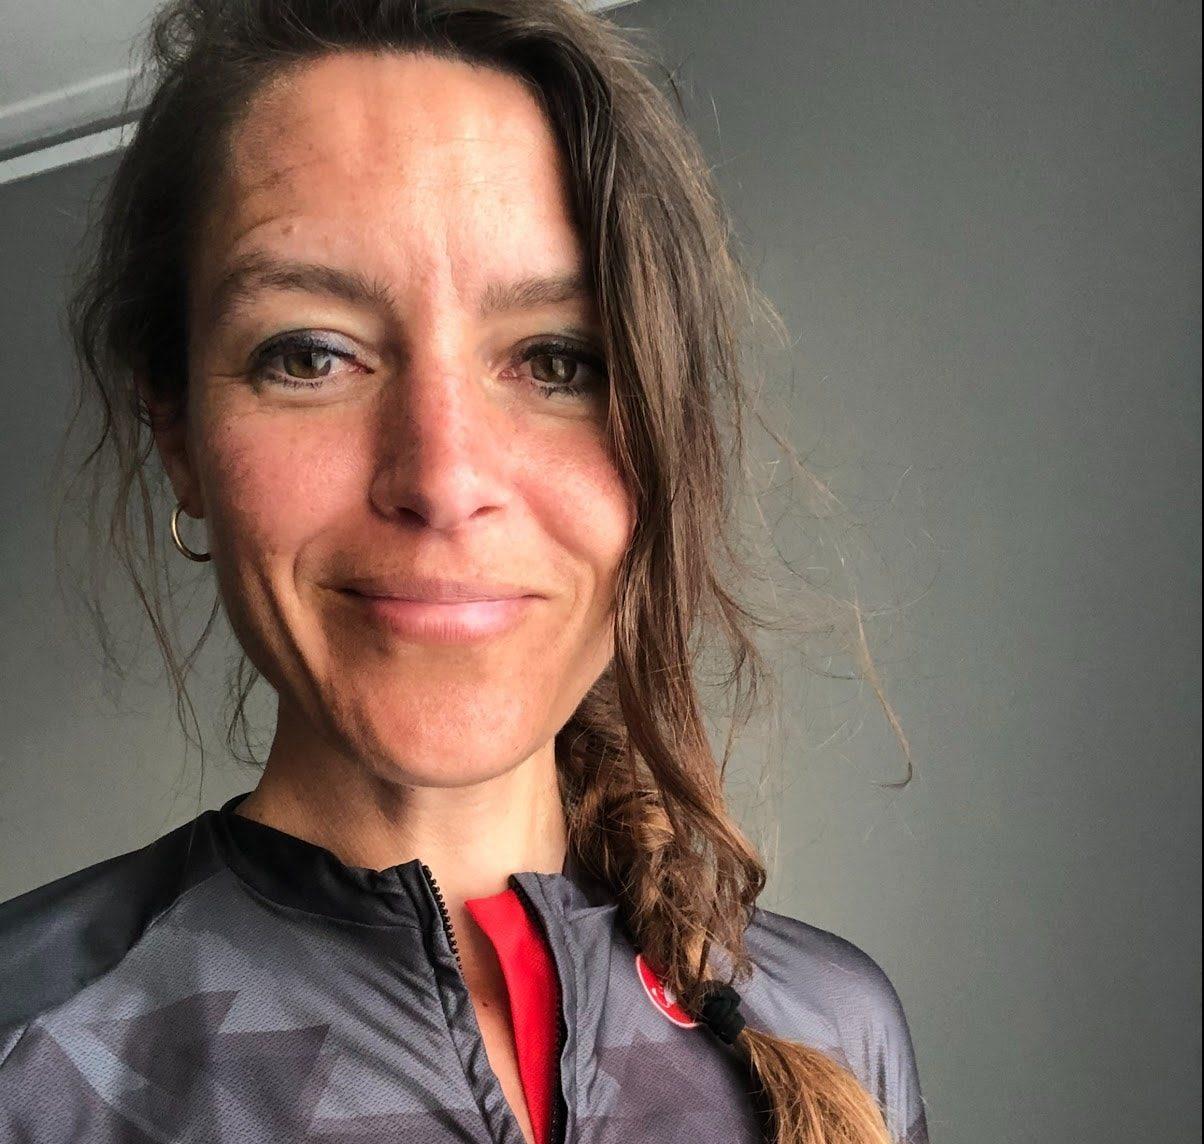 Chantal Boer